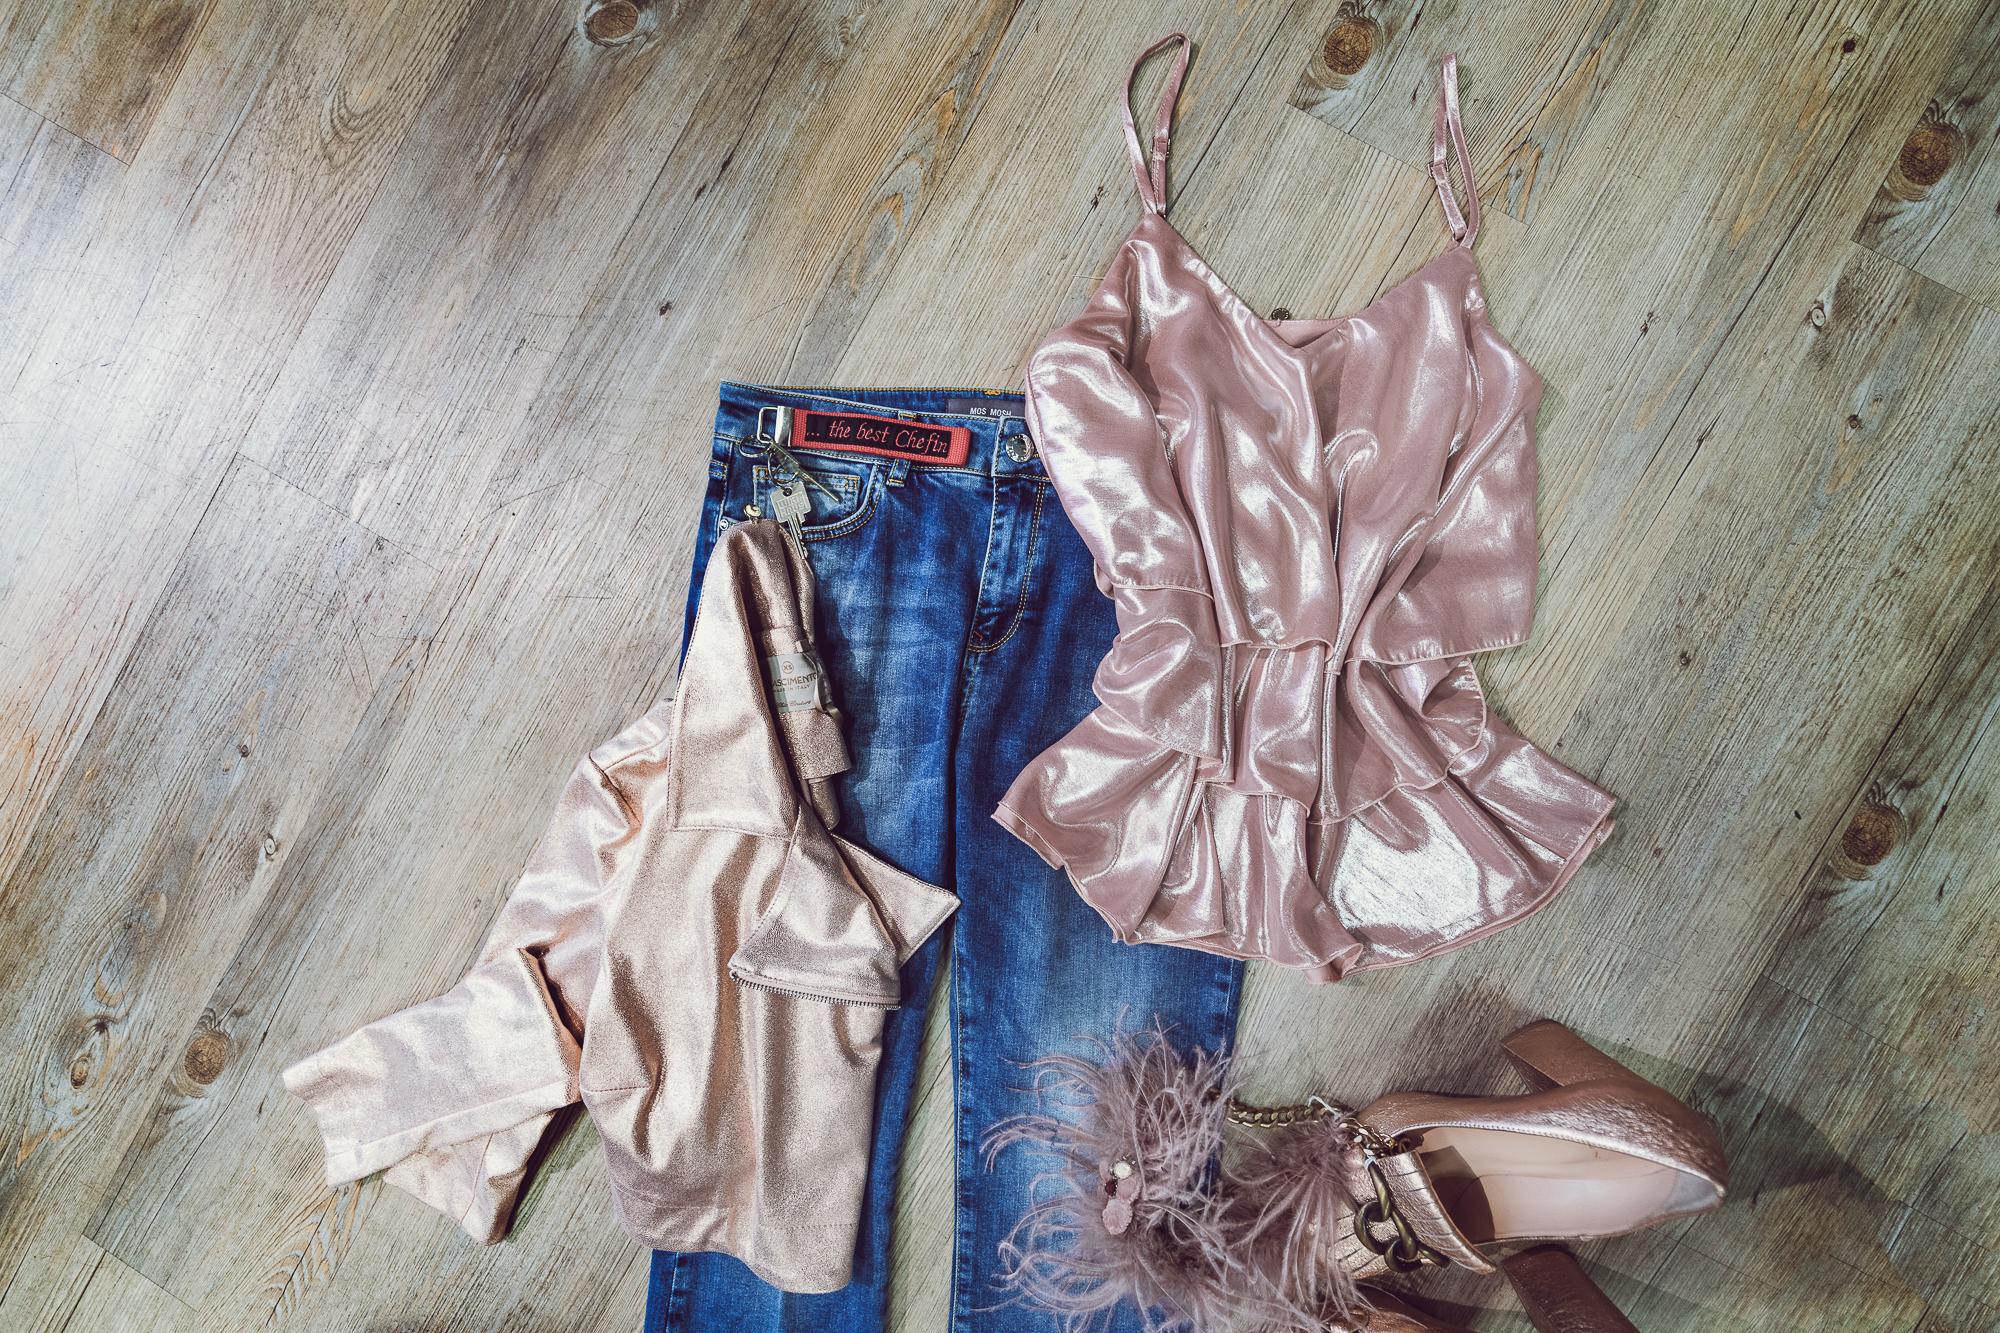 Jeans_Jacken_Shirts_Accessoires_Schuhe_Schmuck__DET5782